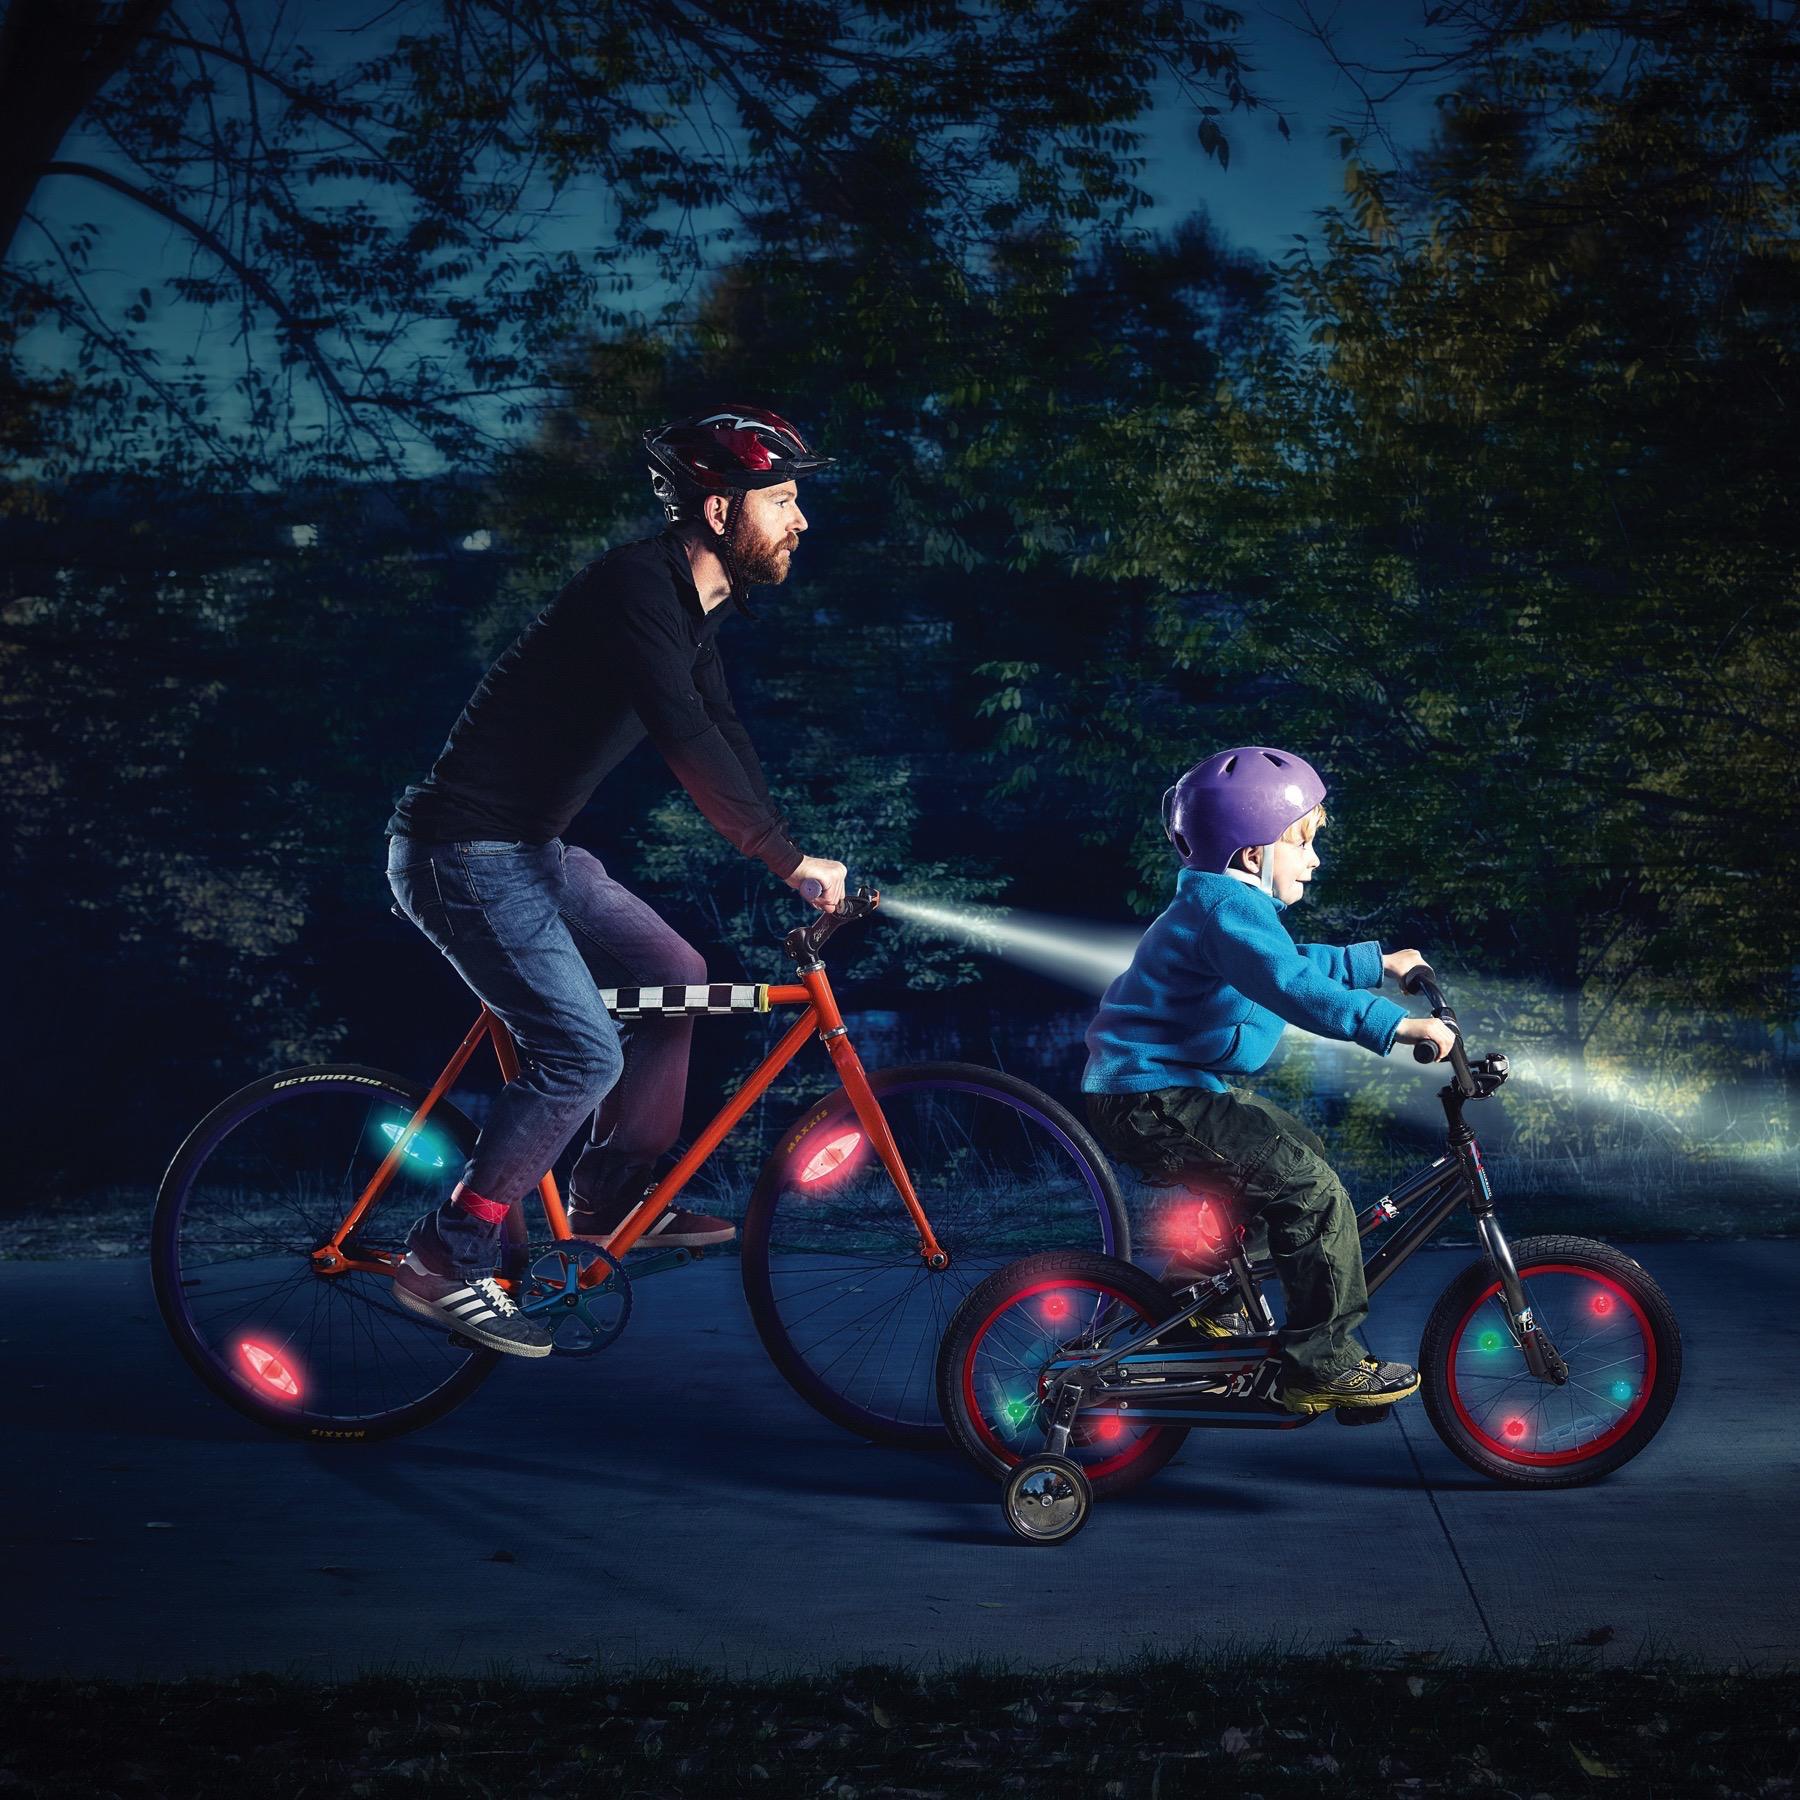 Nite Ize TwistLit LED Bike Light Disco Bicycle Safety Glow /& Flash Modes 2-Pack